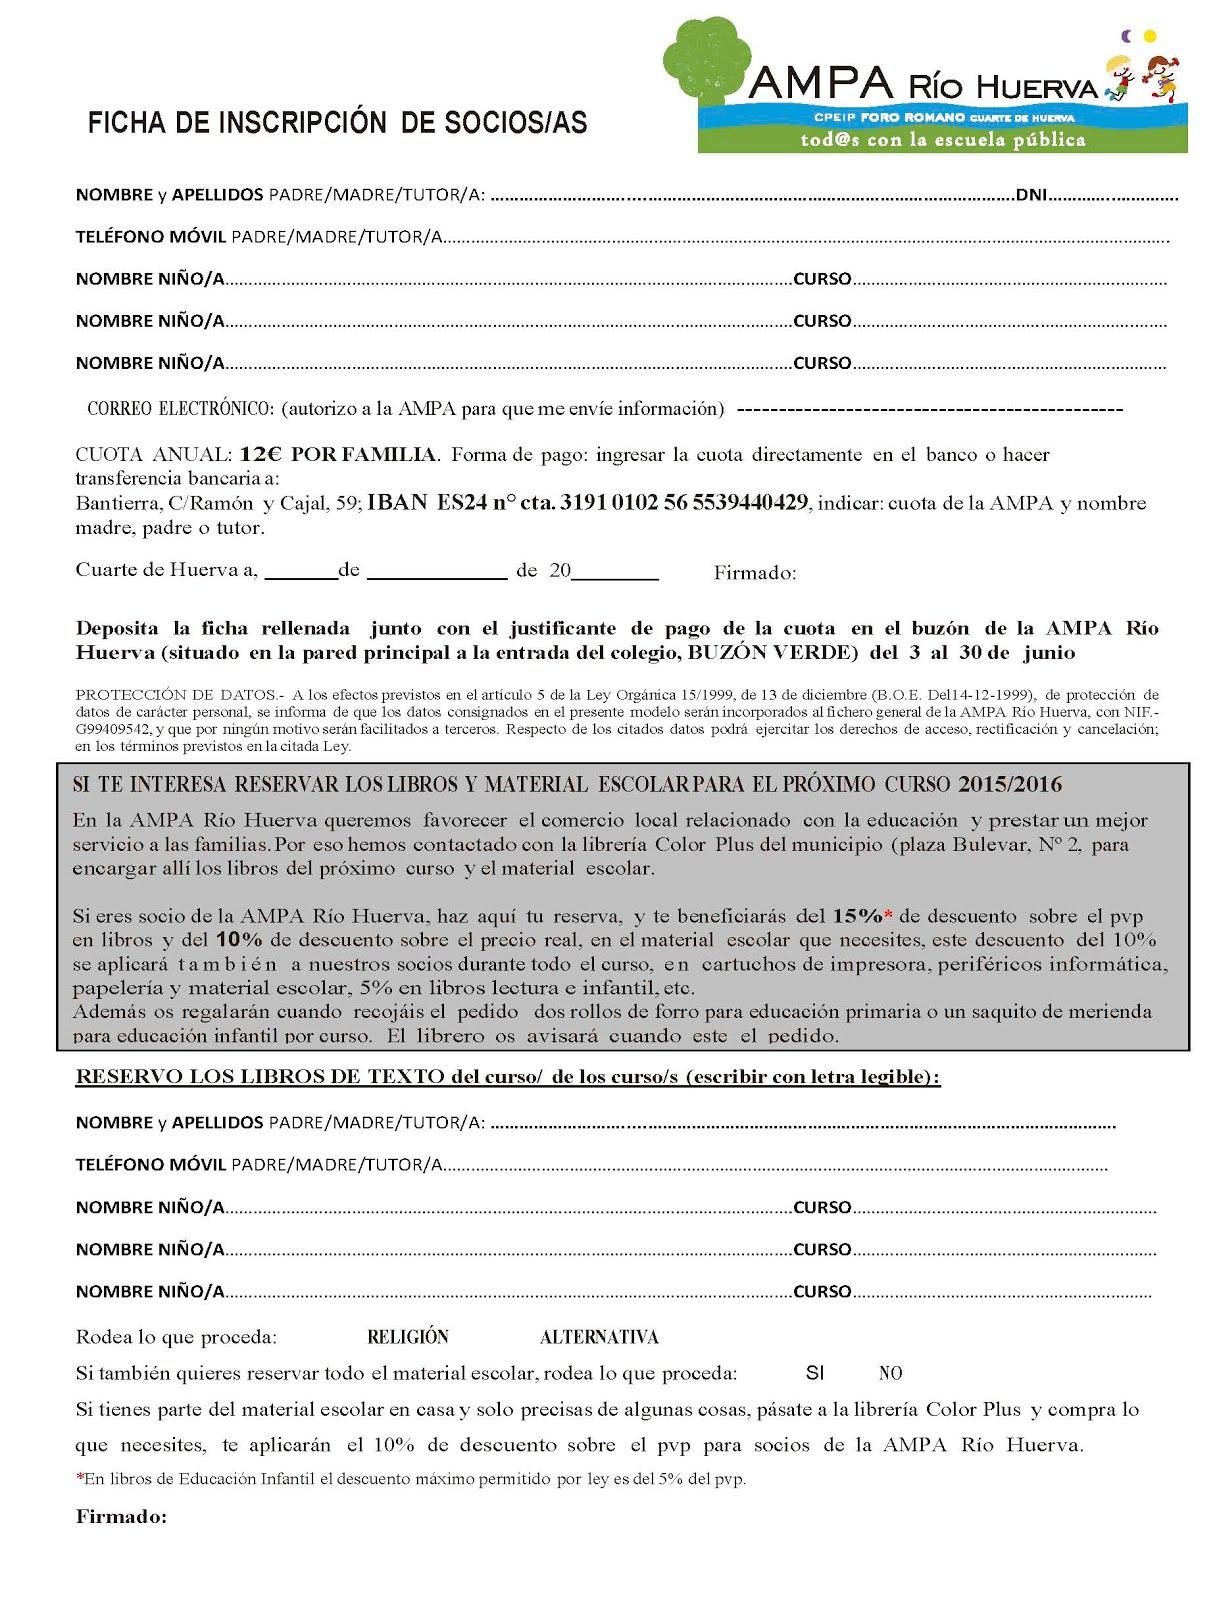 YA ESTÁ A VUESTRA DISPOSICIÓN LA FICHA DE SOCIOS/AS Y RESERVA DE LIBROS PARA EL CURSO 2015/16.